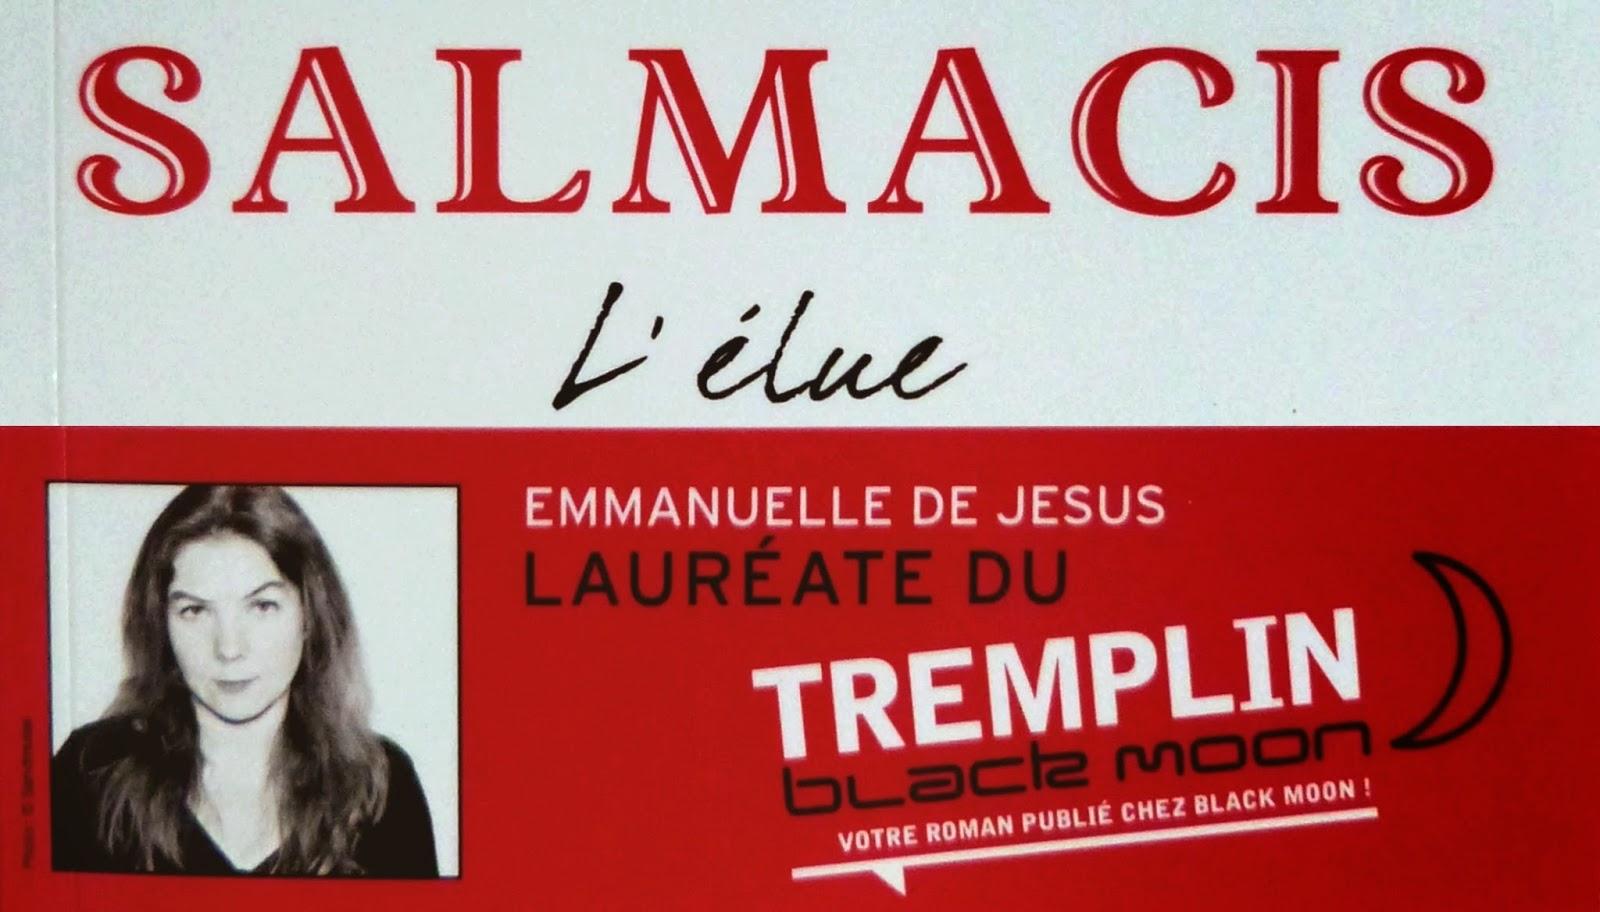 http://lesouffledesmots.blogspot.fr/2014/03/salmacis-lelue-emmanuelle-de-jesus.html